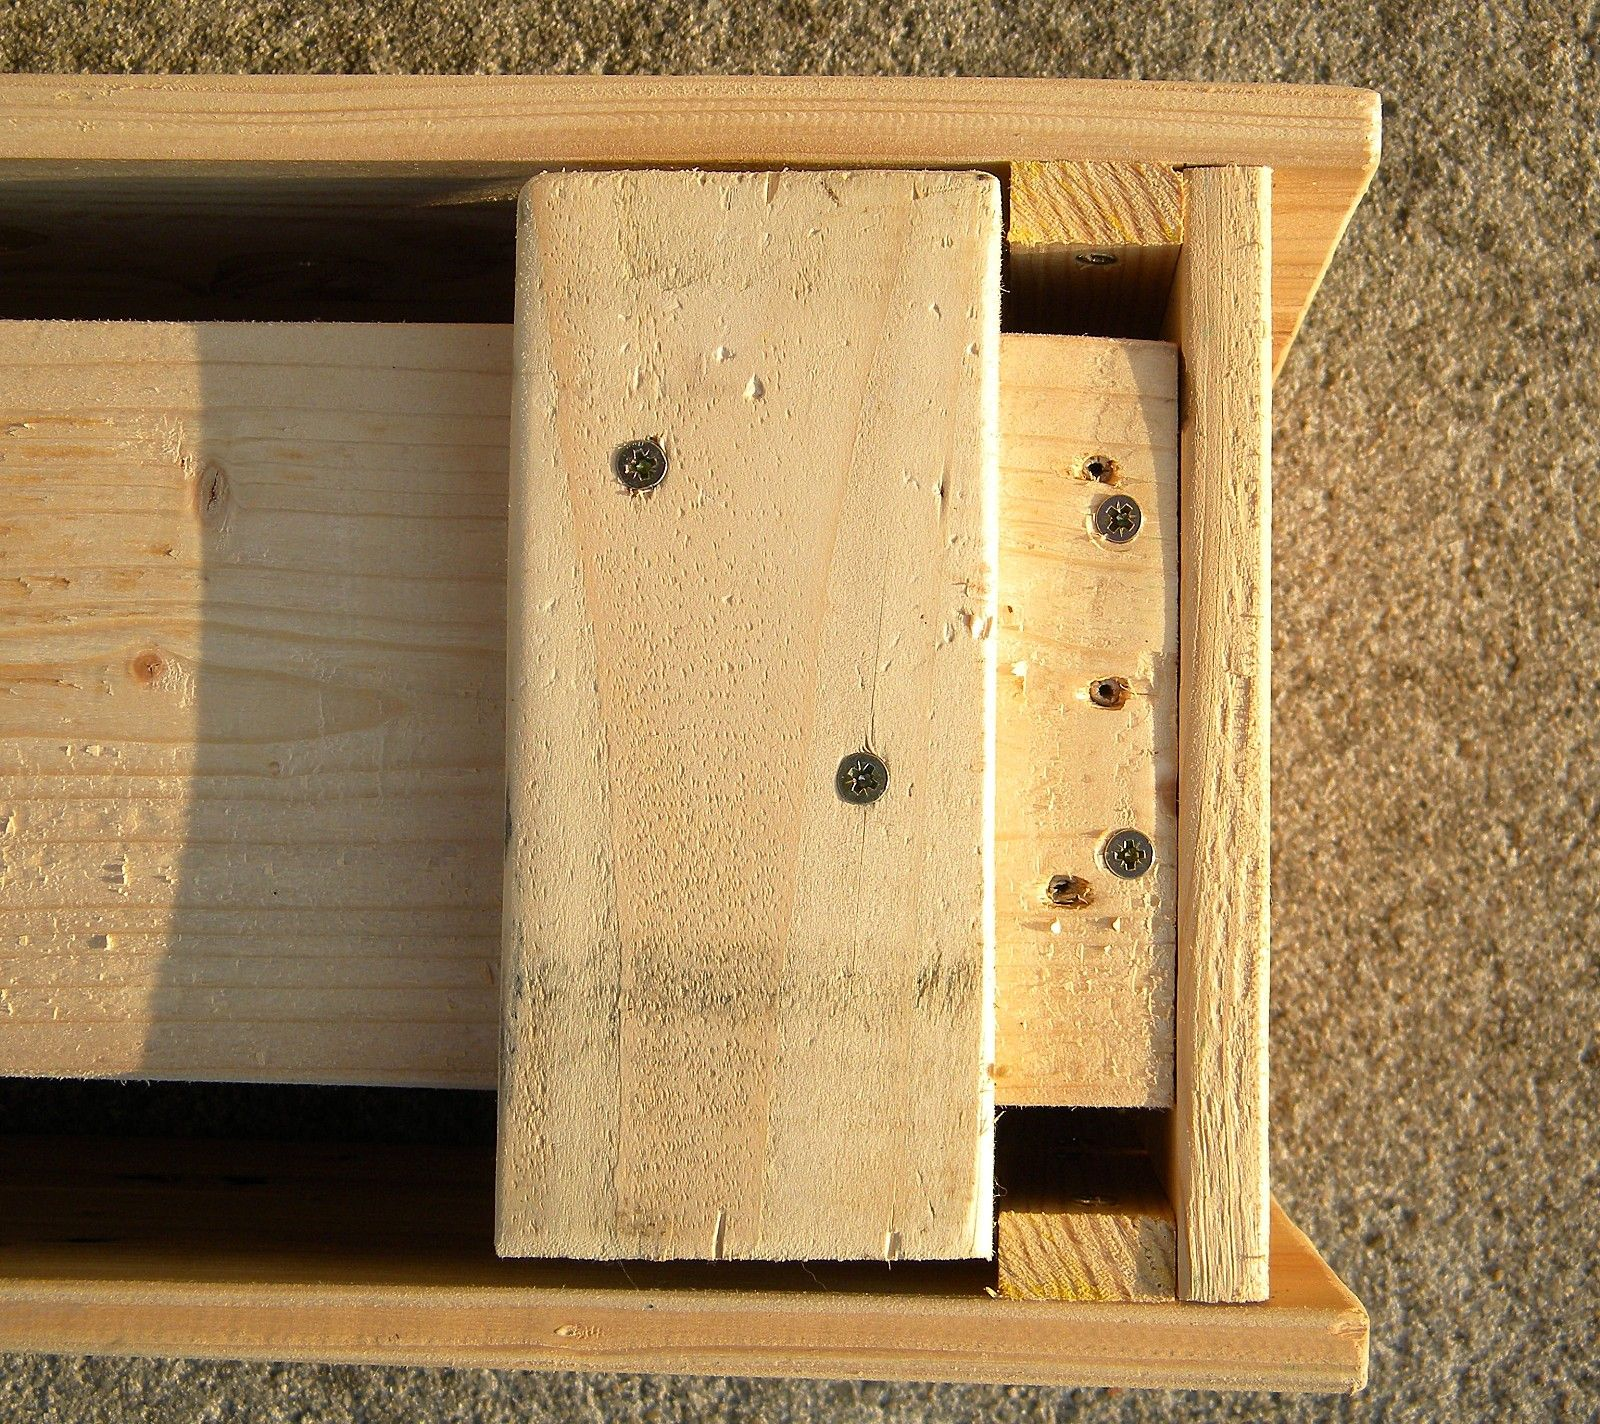 Fabrication d 39 une jardini re avec une palette en bois article jardiniere - Fabrication jardiniere bois ...